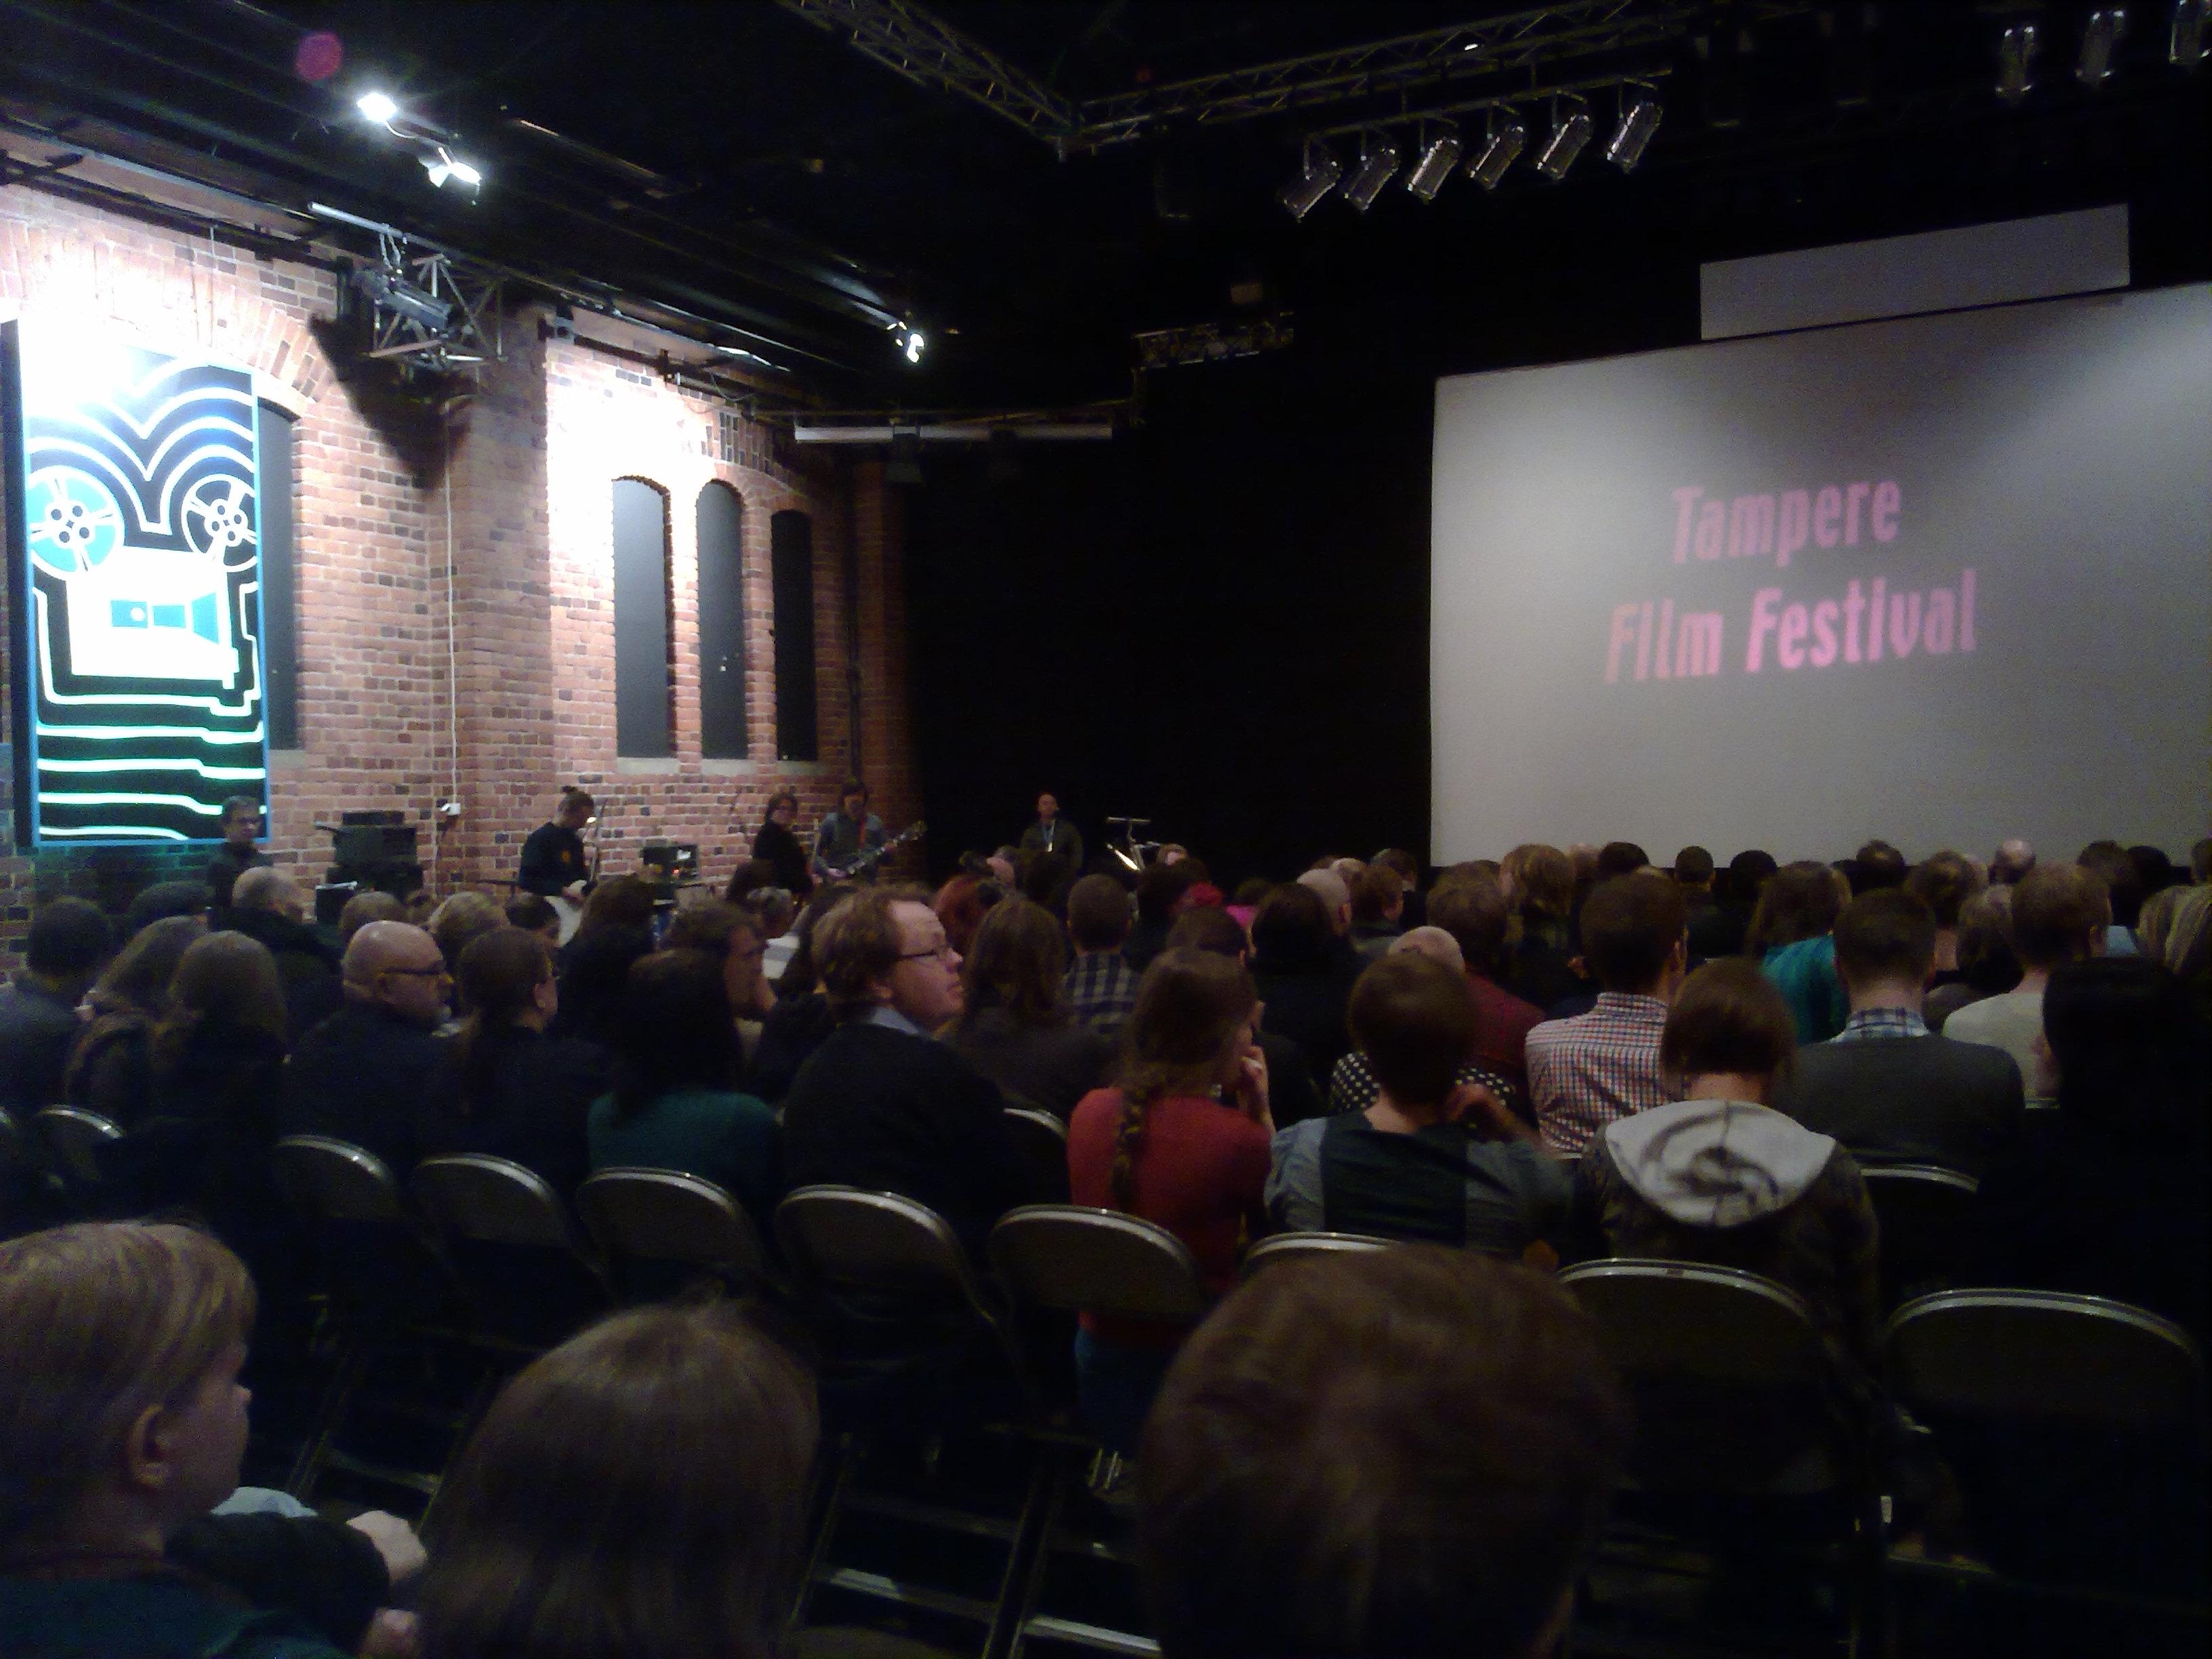 Tampere film festival wikipedia